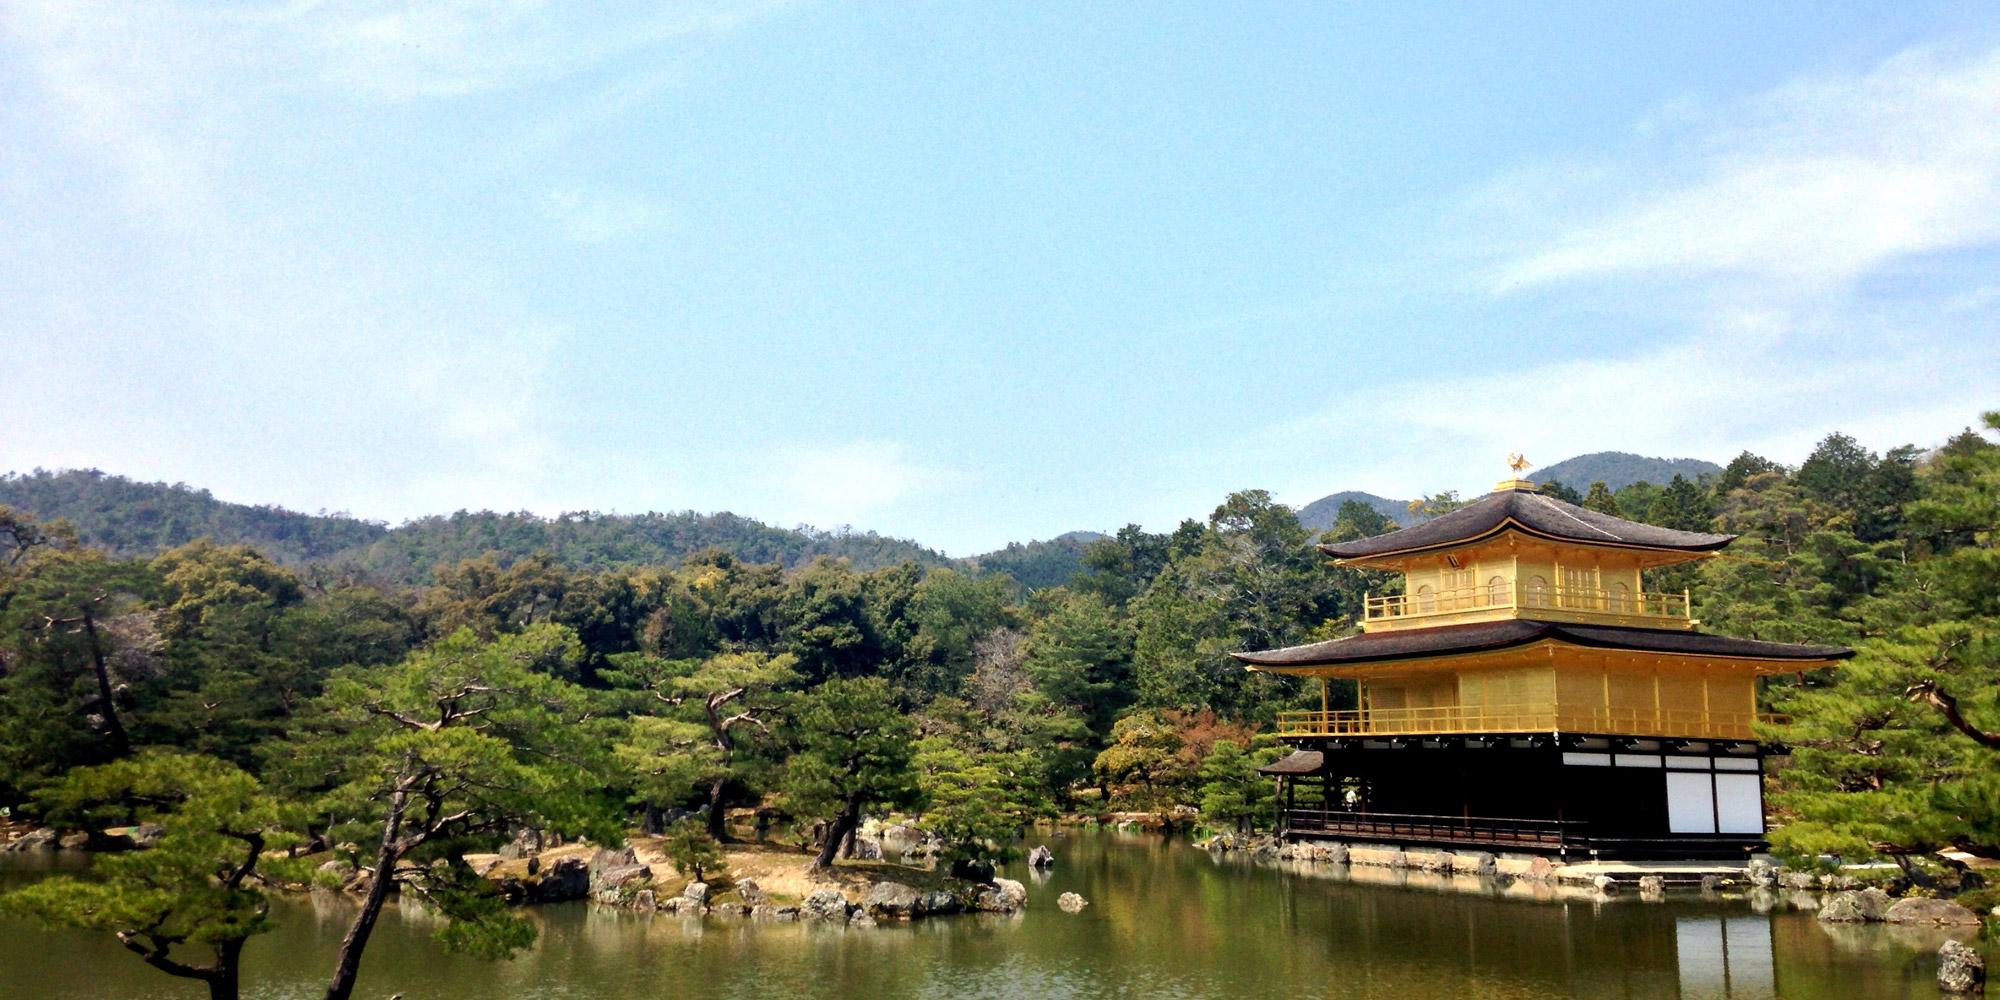 Kyoto golden pavillion